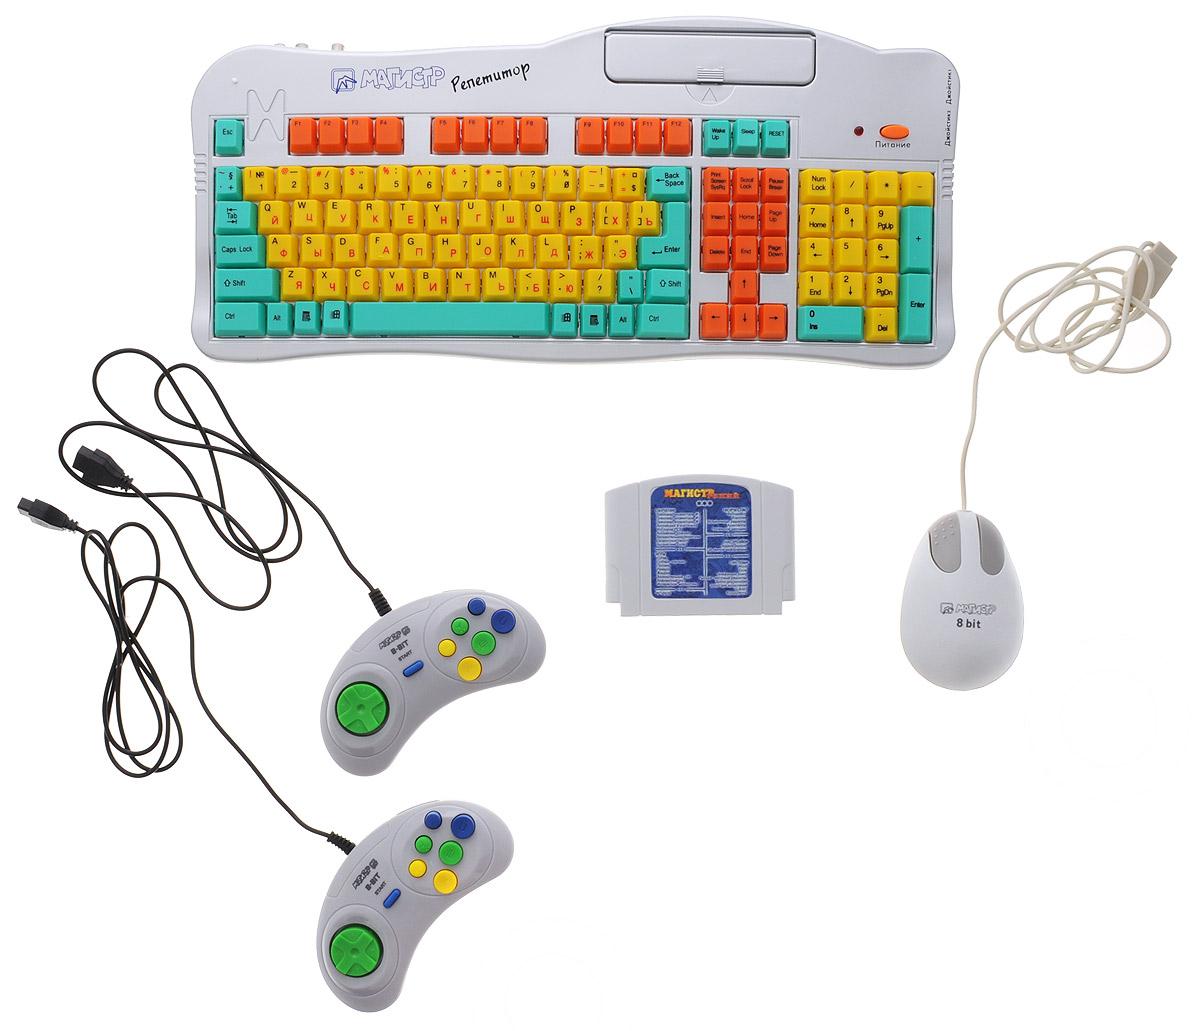 Игровая приставка Магистр Репетитор (8 bit)SG-1644Новое поколение клавиатурных 8-ми битных приставок семейства Магистр от NewGame. Расширенная комплектация, суперсовременный дизайн консоли и внешних устройств, а также высокое качество сделали эти приставки лидерами своего класса.Приставка Магистр Репетитор это удачный синтез обучающего 8-ми разрядного компьютера и полноценной 8-ми разрядной игровой приставки. С помощью приставки Магистр Репетитор ты сможешь не только проверить свою эрудицию и смекалку, освоить азы английского языка, научиться быстро печатать, составить собственную программу на языке программирования Бейсик, но и отдохнуть, играя в многочисленные игры стандарта Nintendo 8-bit, среди которых обязательно будут твои любимые. В комплекте приставки Магистр Репетитор помимо современных эргономичных и тщательно откалиброванных джойстиков, светового пистолета нового образца, также присутствует манипулятор мышь, который позволит тебе с легкостью управлять операционной системой приставки. Приставка Магистр Репетитор собрана из высококачественных комплектующих, прошедших жесткие нормы контроля качества NewGame, поэтому она долго будет твоим наставником в обучающих программах и верным спутником в безграничном мире компьютерных игр. Приставка Магистр Репетитор специально для тех, кто ценит возможность обучаться и играть одновременно, кто не боится сложных задач и всегда найдет правильное решение! А значит, это твоя приставка!